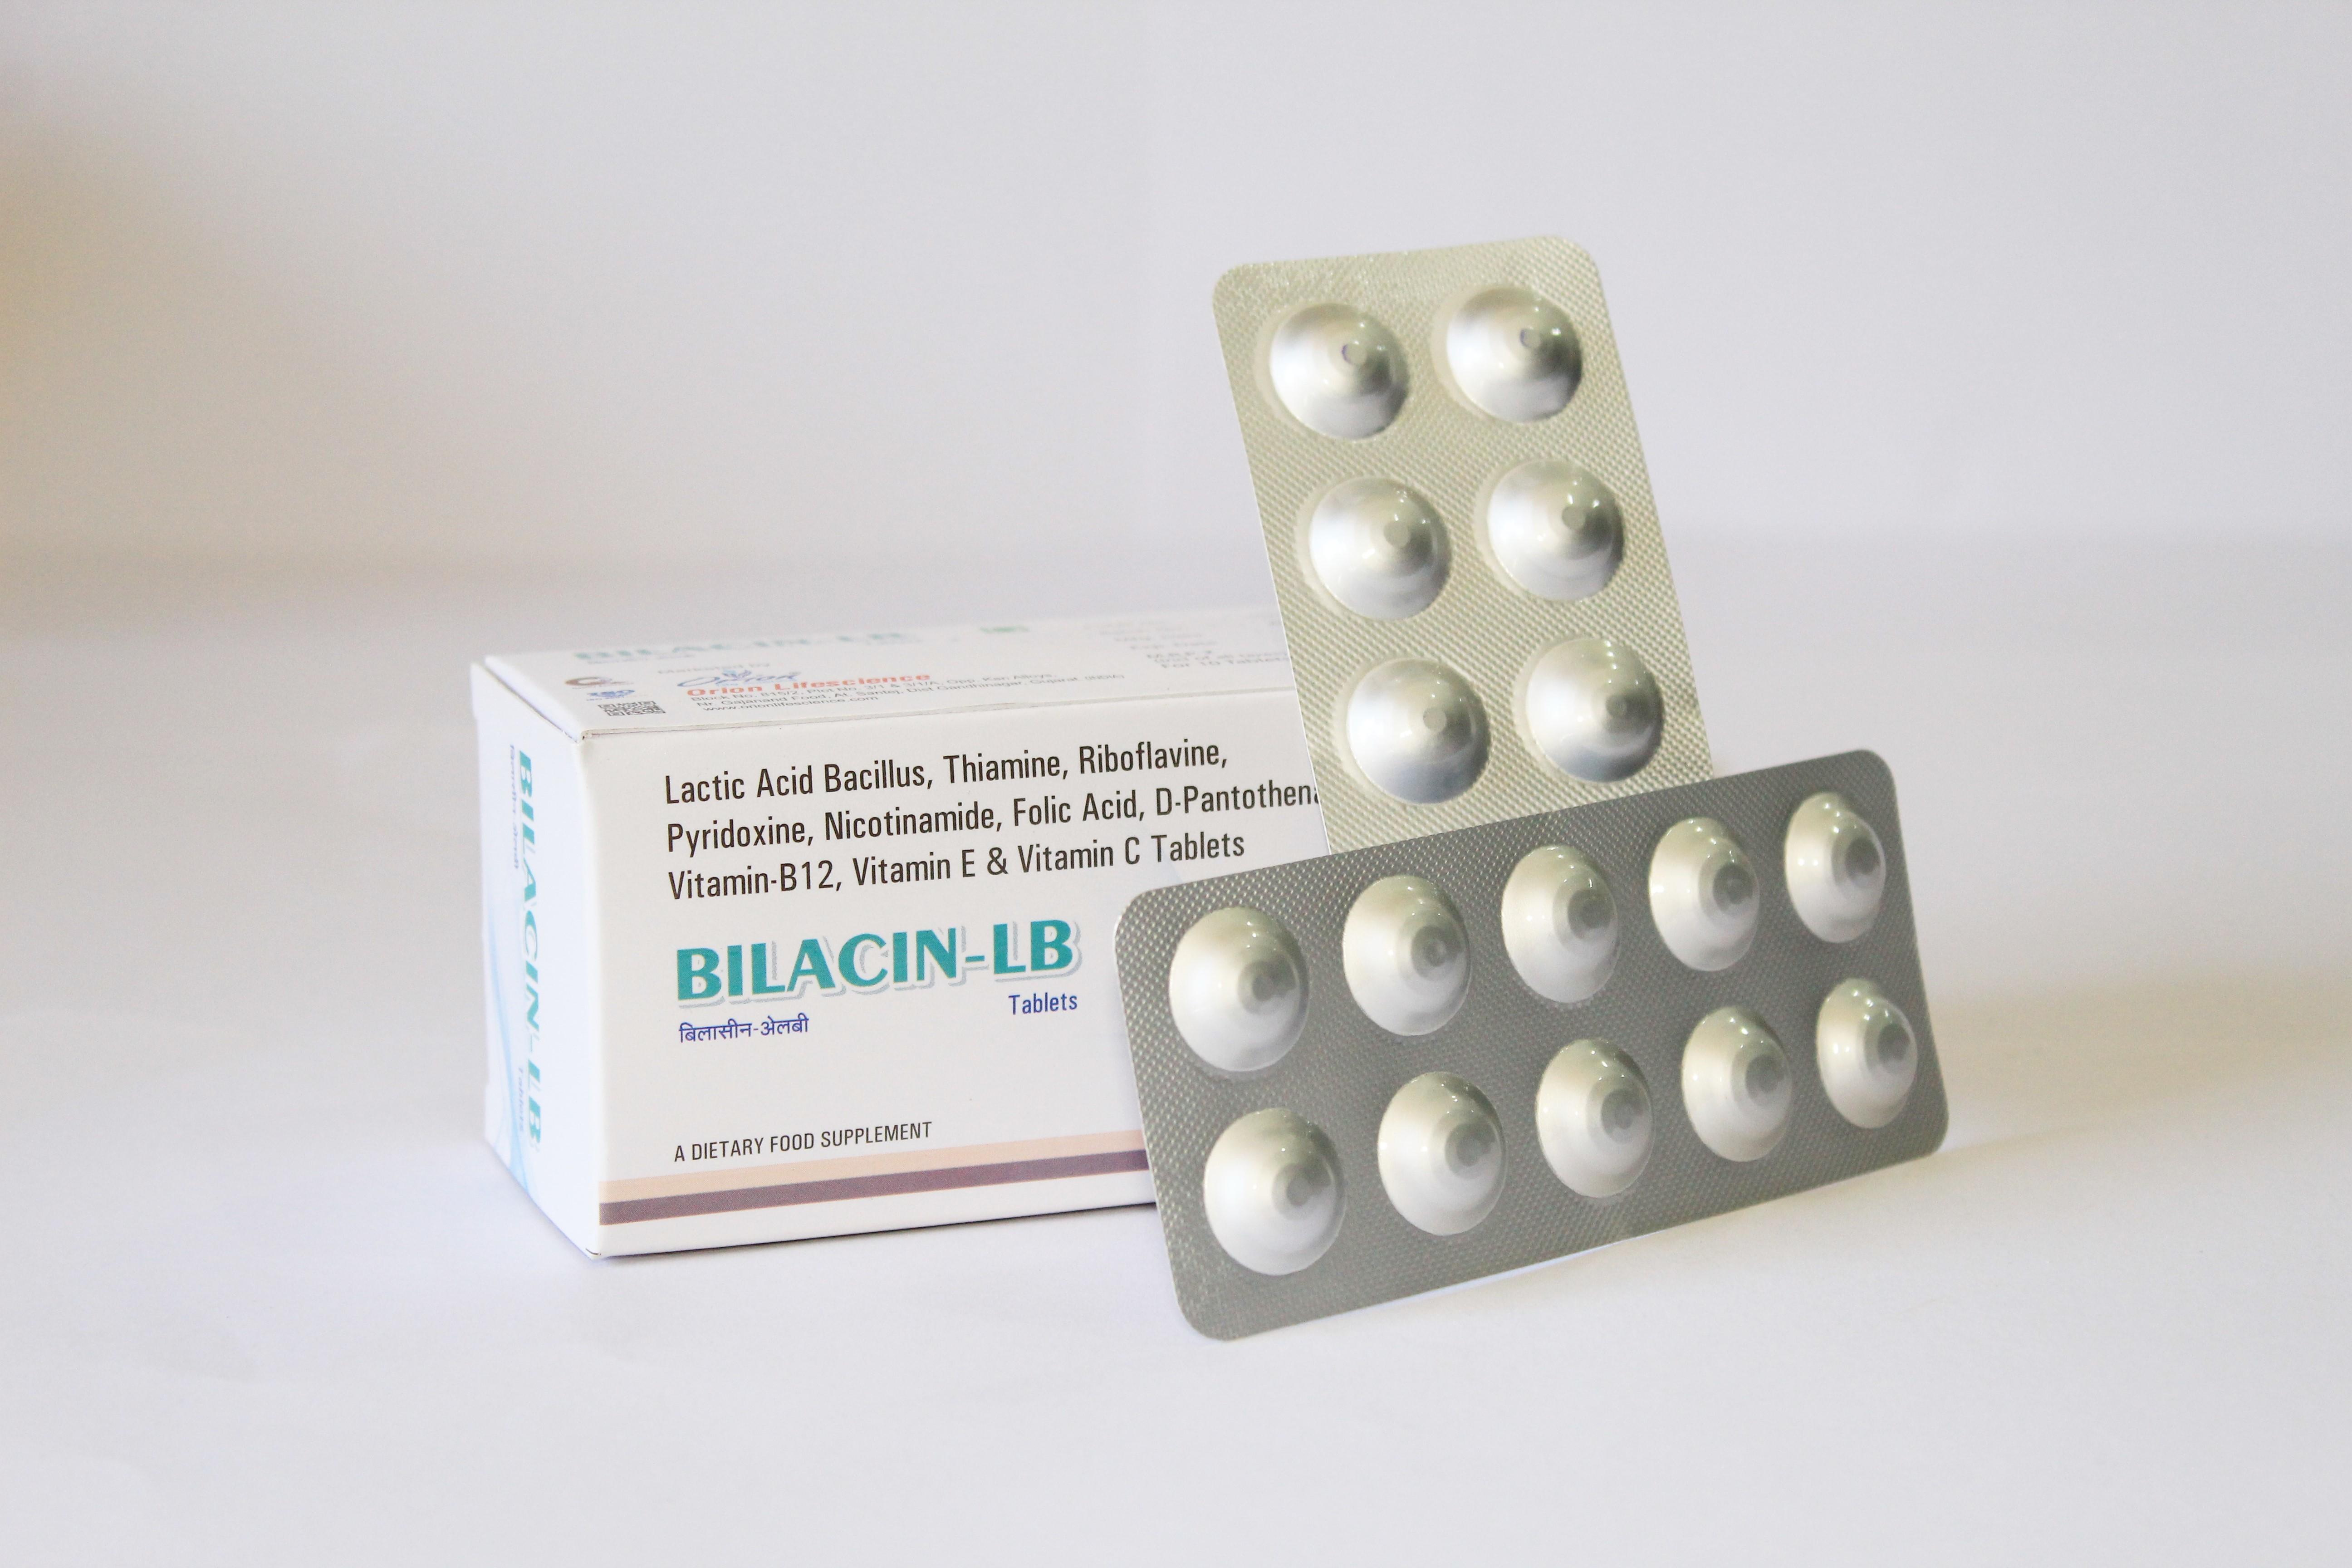 Bilacin-LB Tab